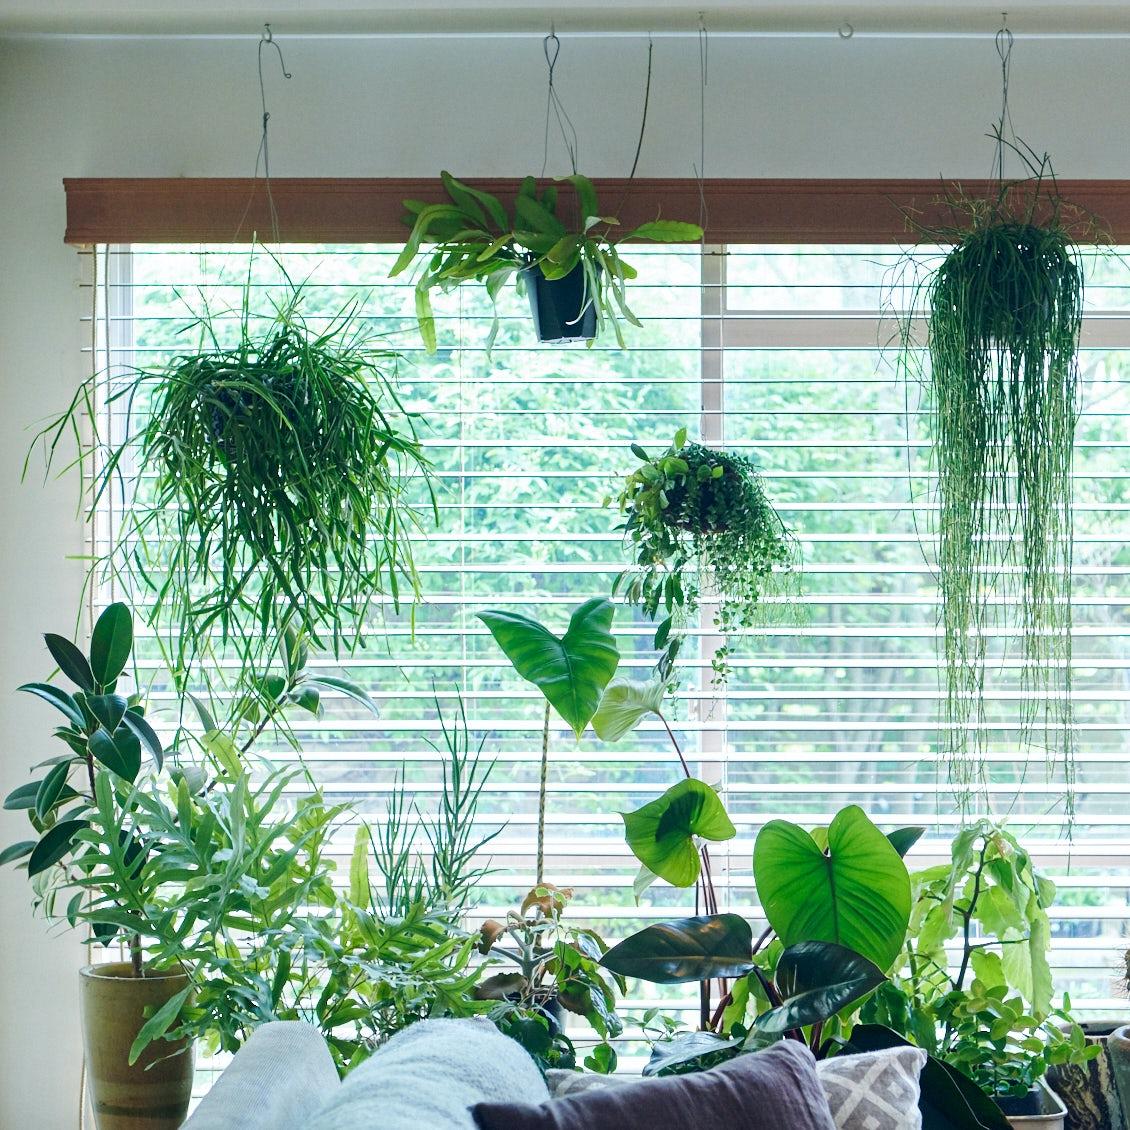 【植物のある暮らし】第1話:プロに教わる、観葉植物を楽しむ7つのコツ